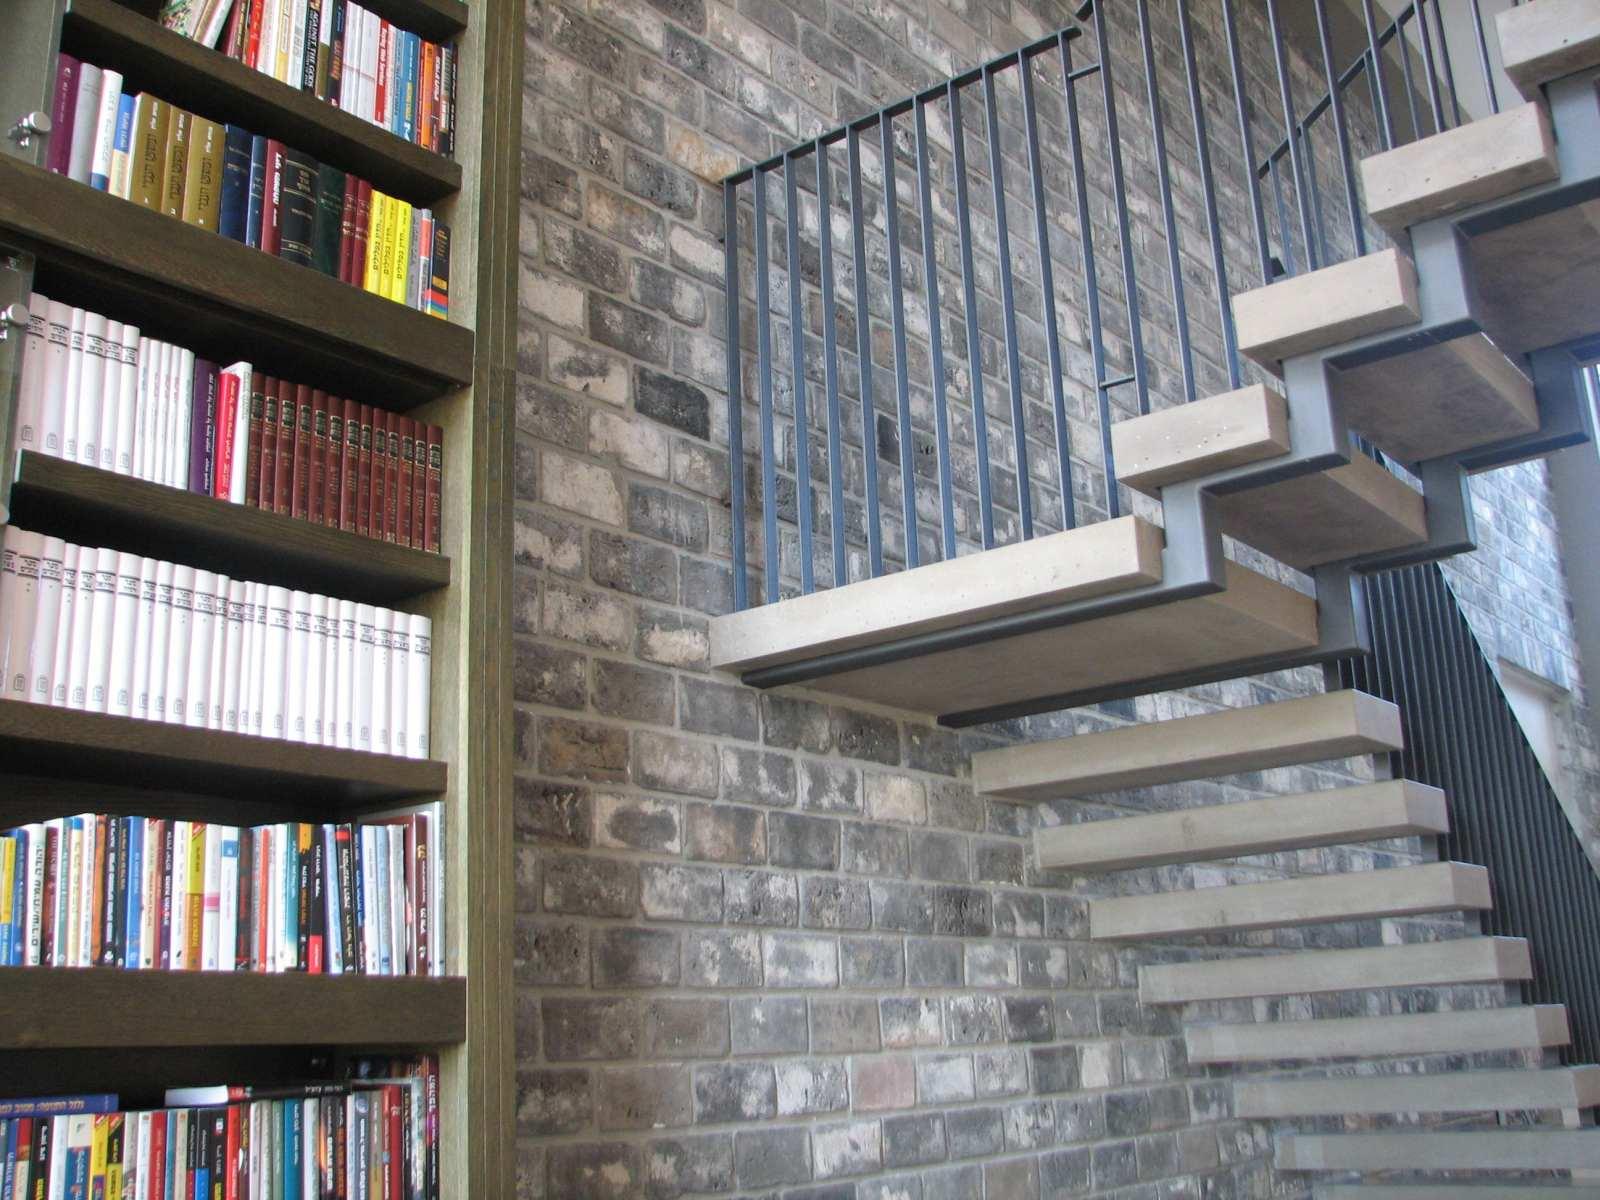 מדרגות בטון תלויות וספריית עץ. בחירת חומרי גמר בשוהם